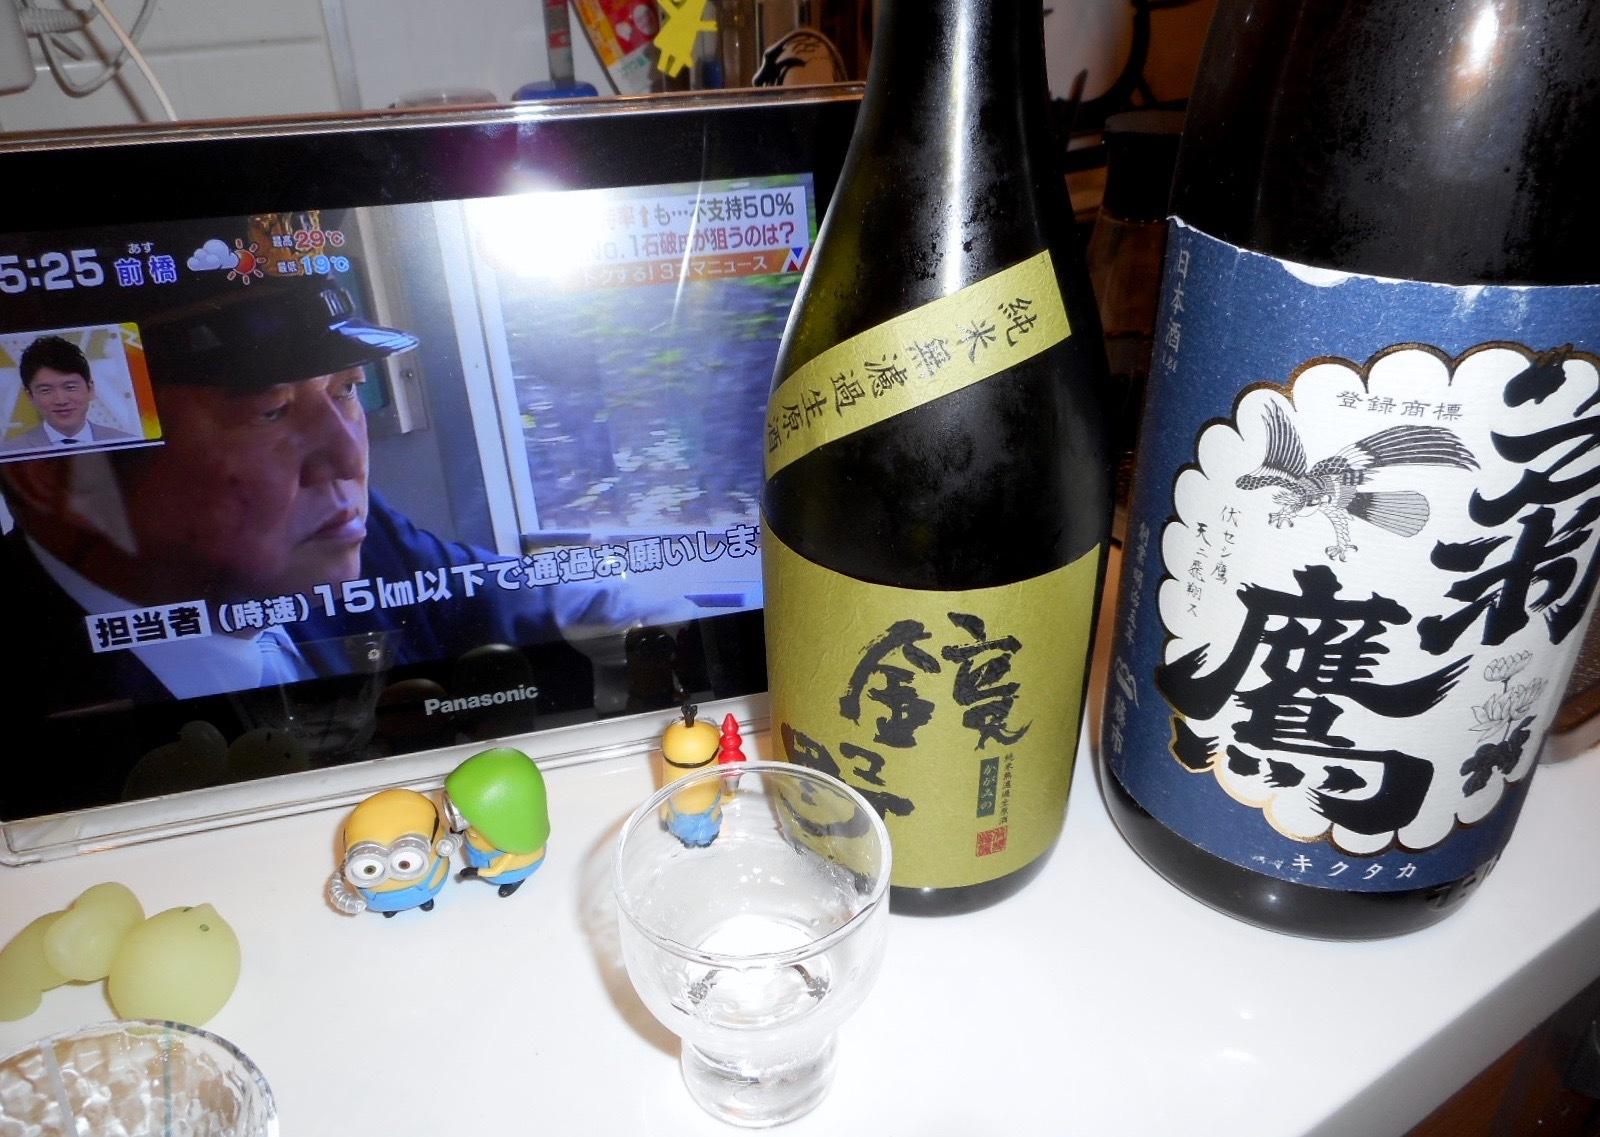 kikutaka_shifuku_nama28by10.jpg